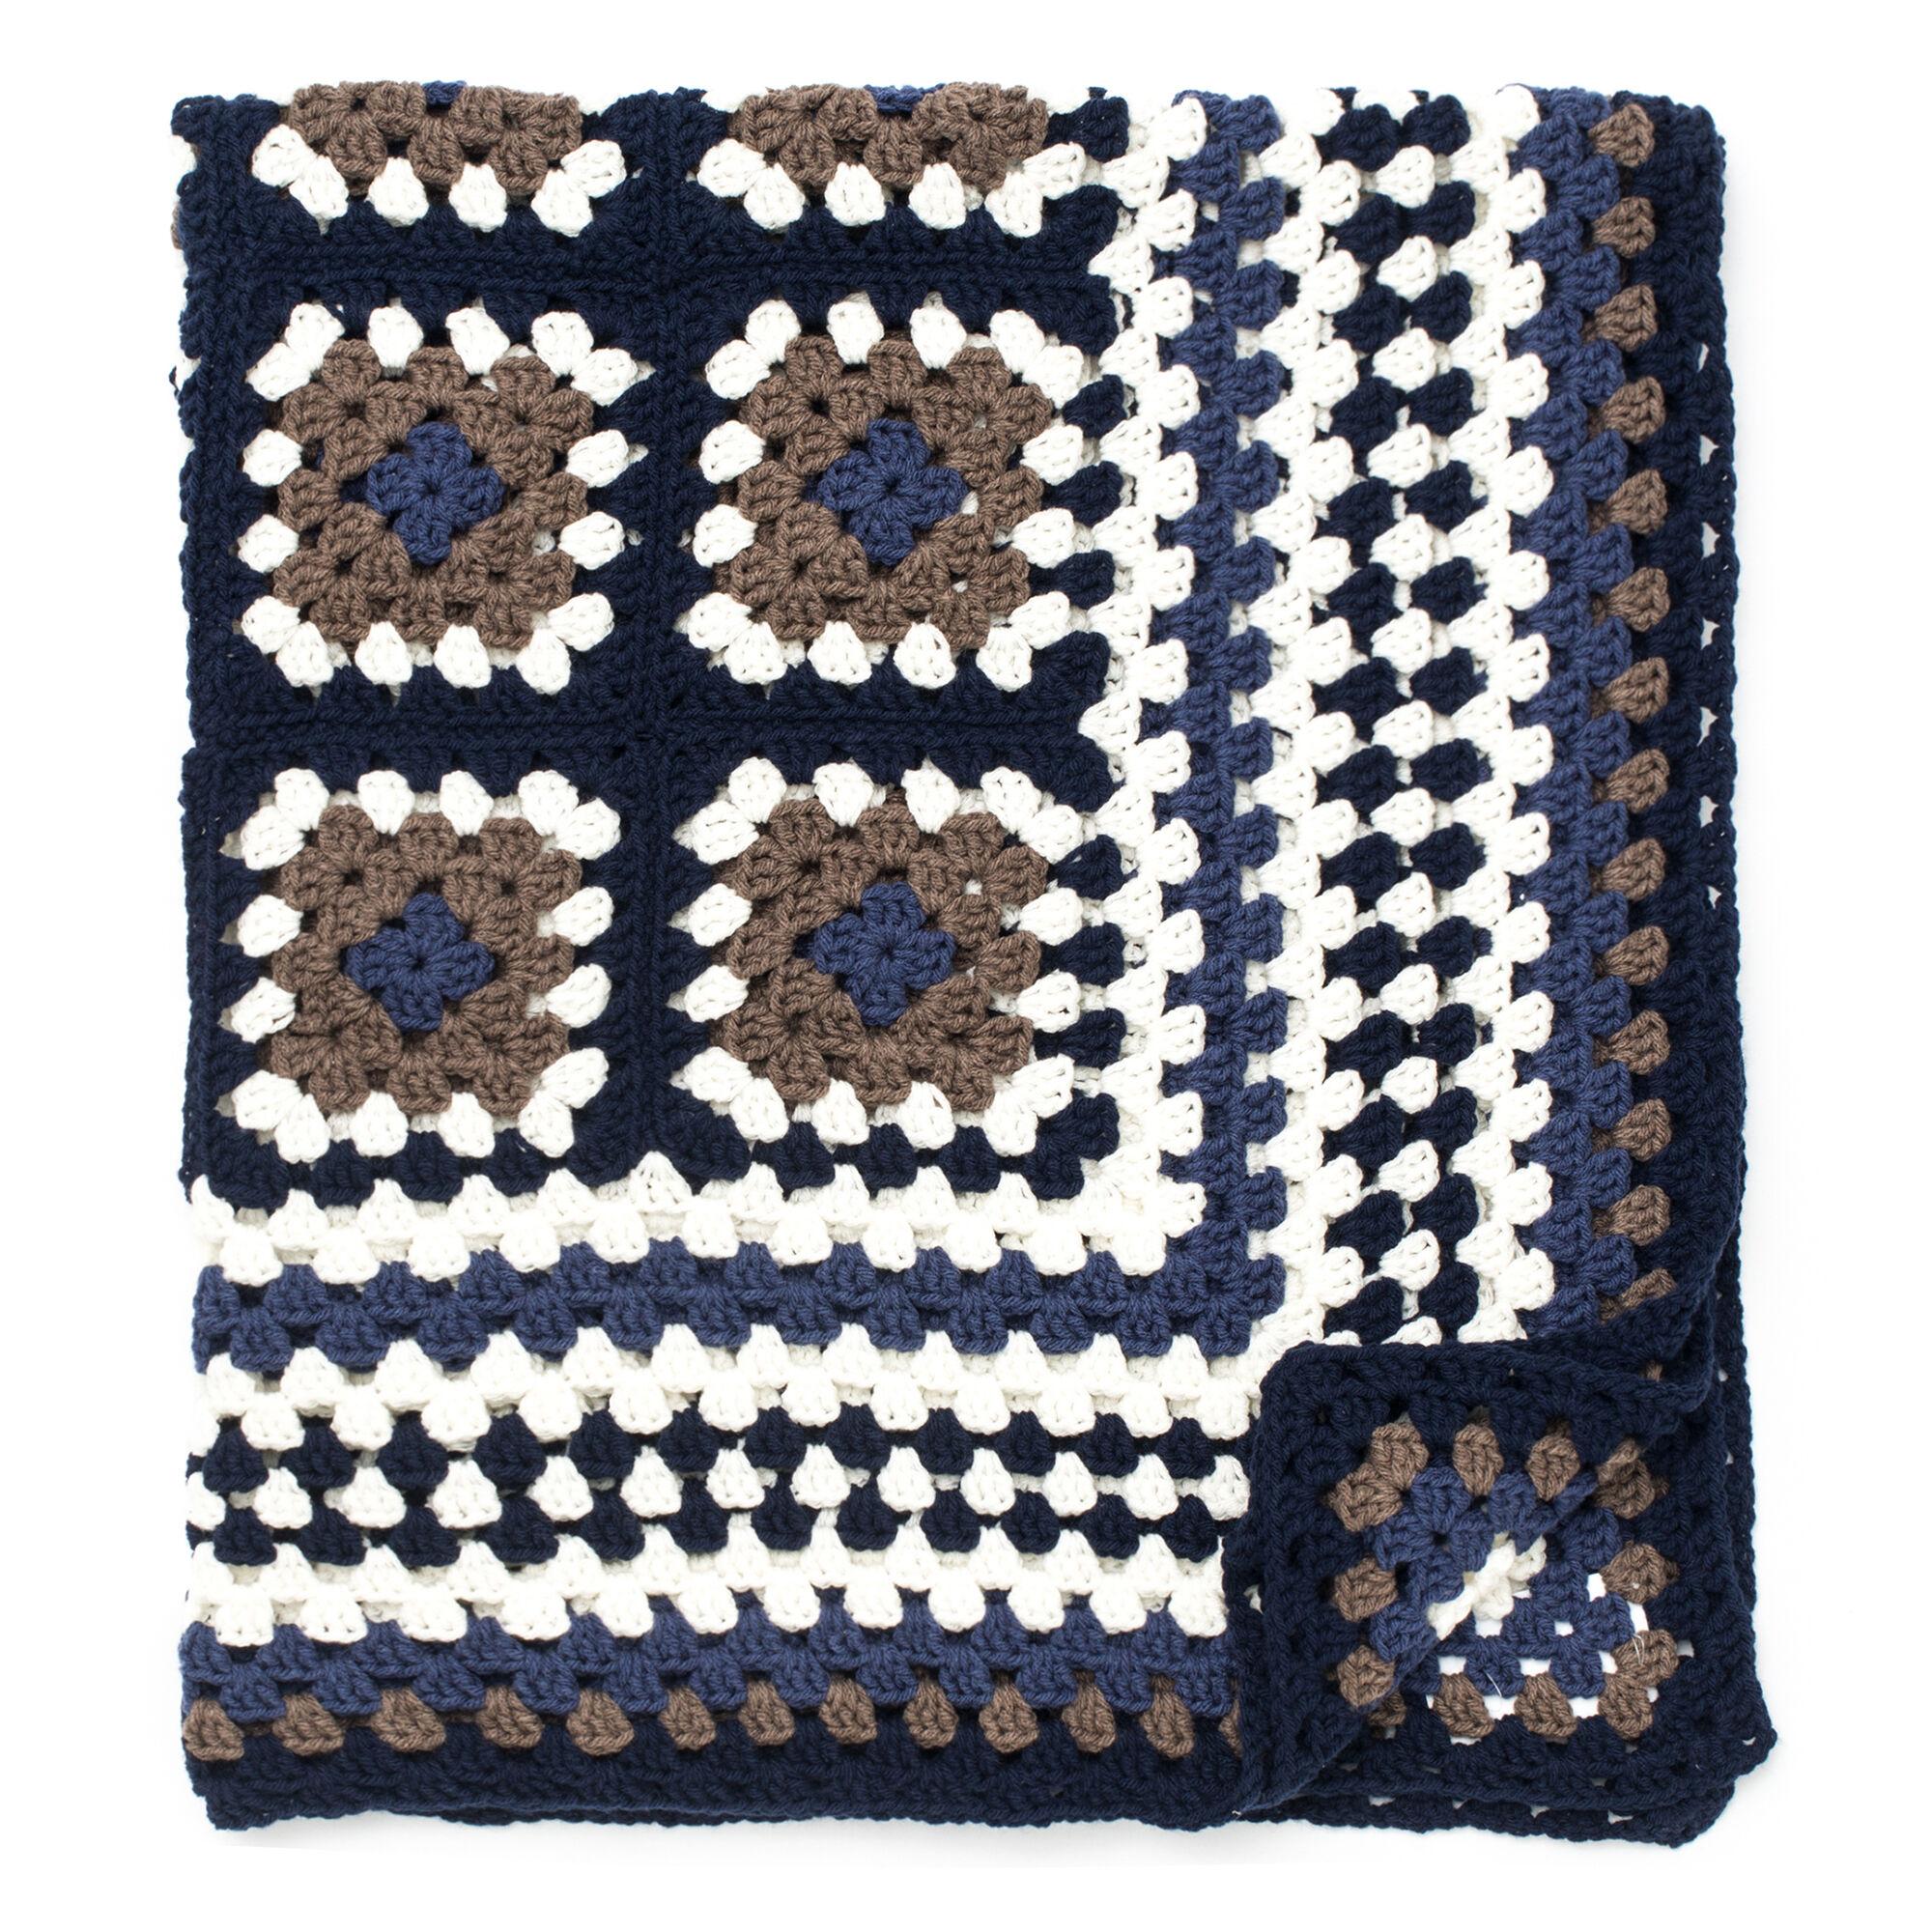 Bernat Framed Crochet Granny Throw | Yarnspirations